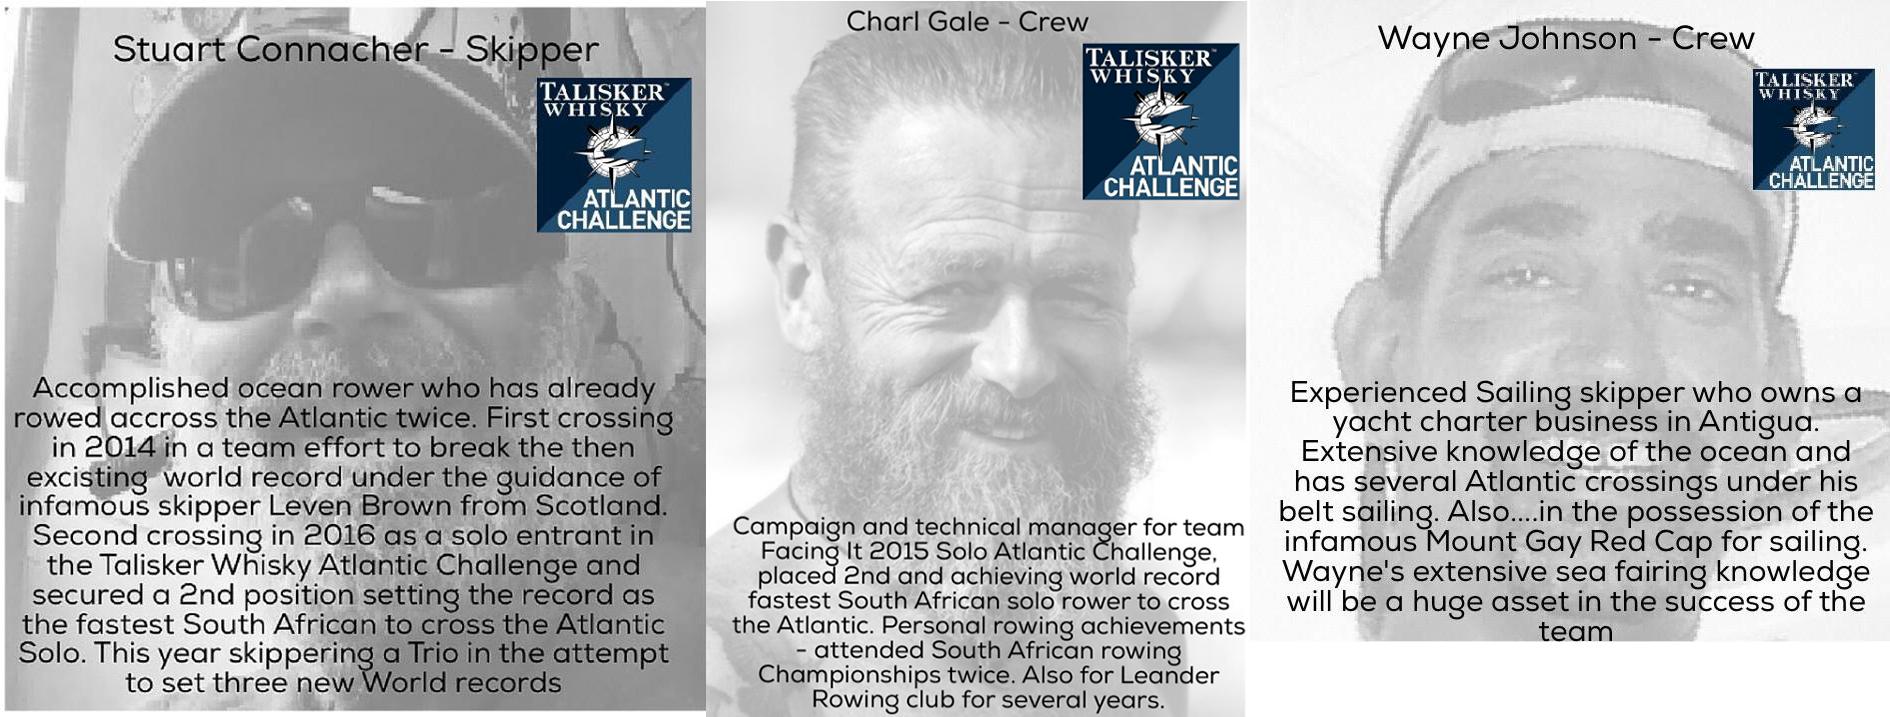 trio SA Trio racing the Atlantic   in a row boat